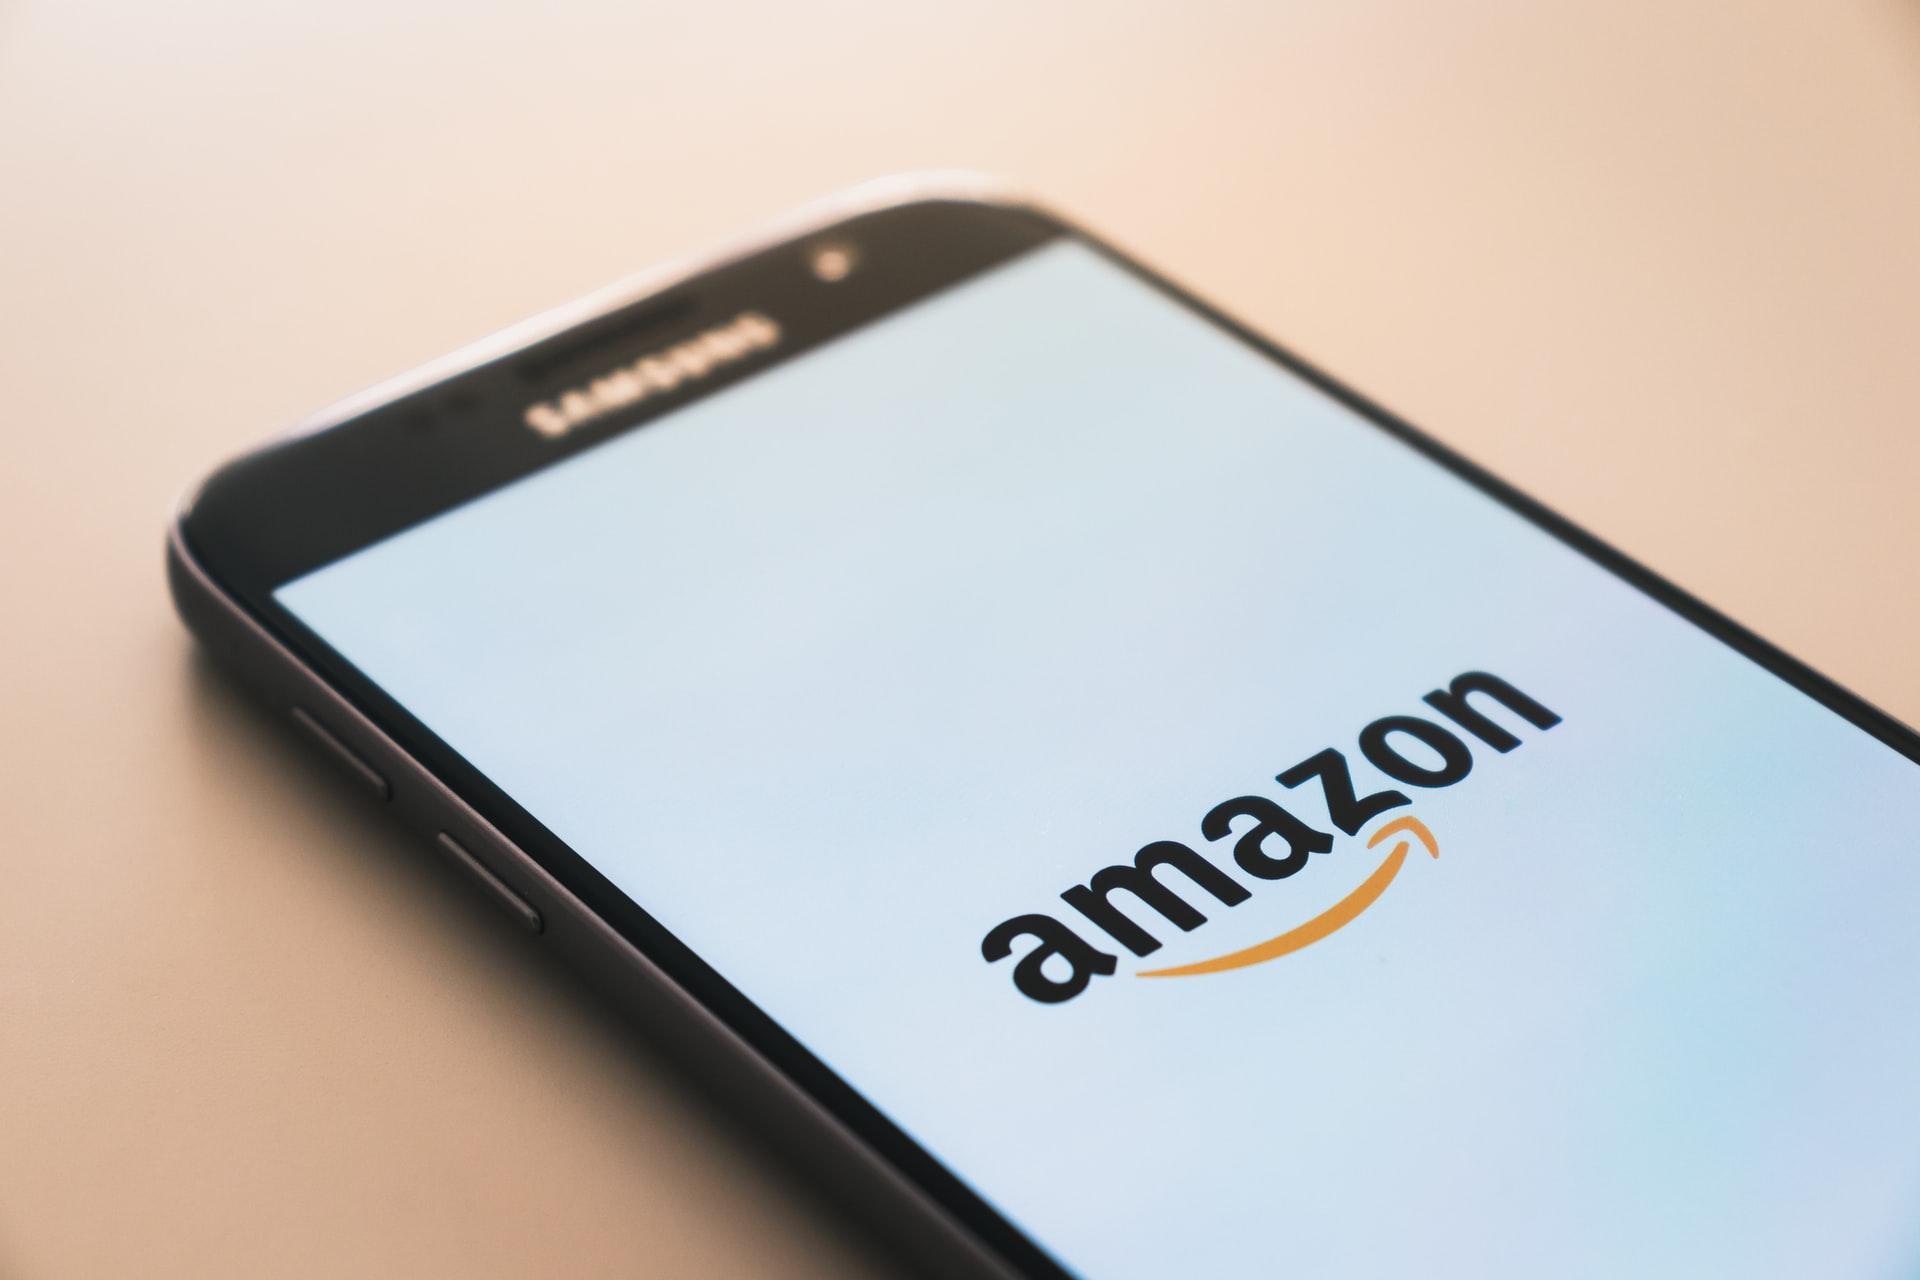 Como investir na Amazon. Celular mostrando logo da Amazon.